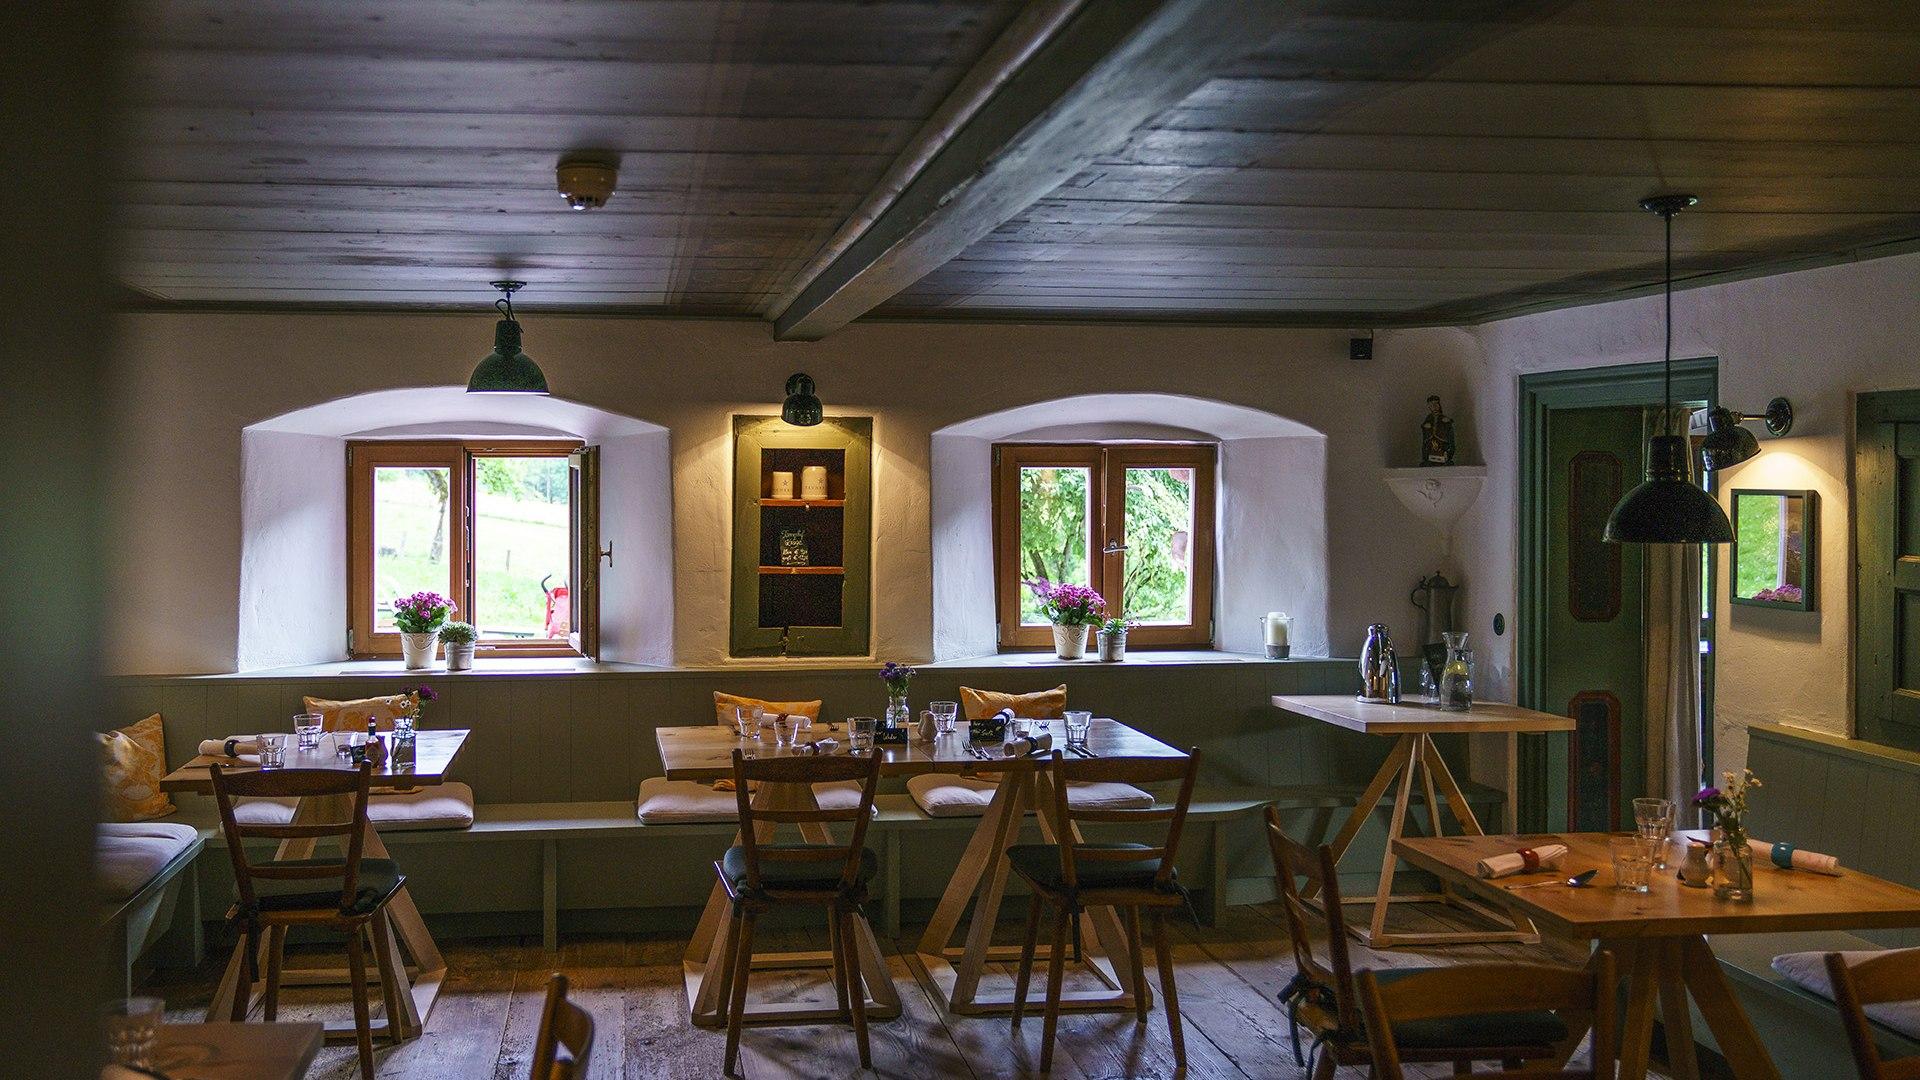 Restaurant Bayrischzell Tannerhof, © Dietmar Denger